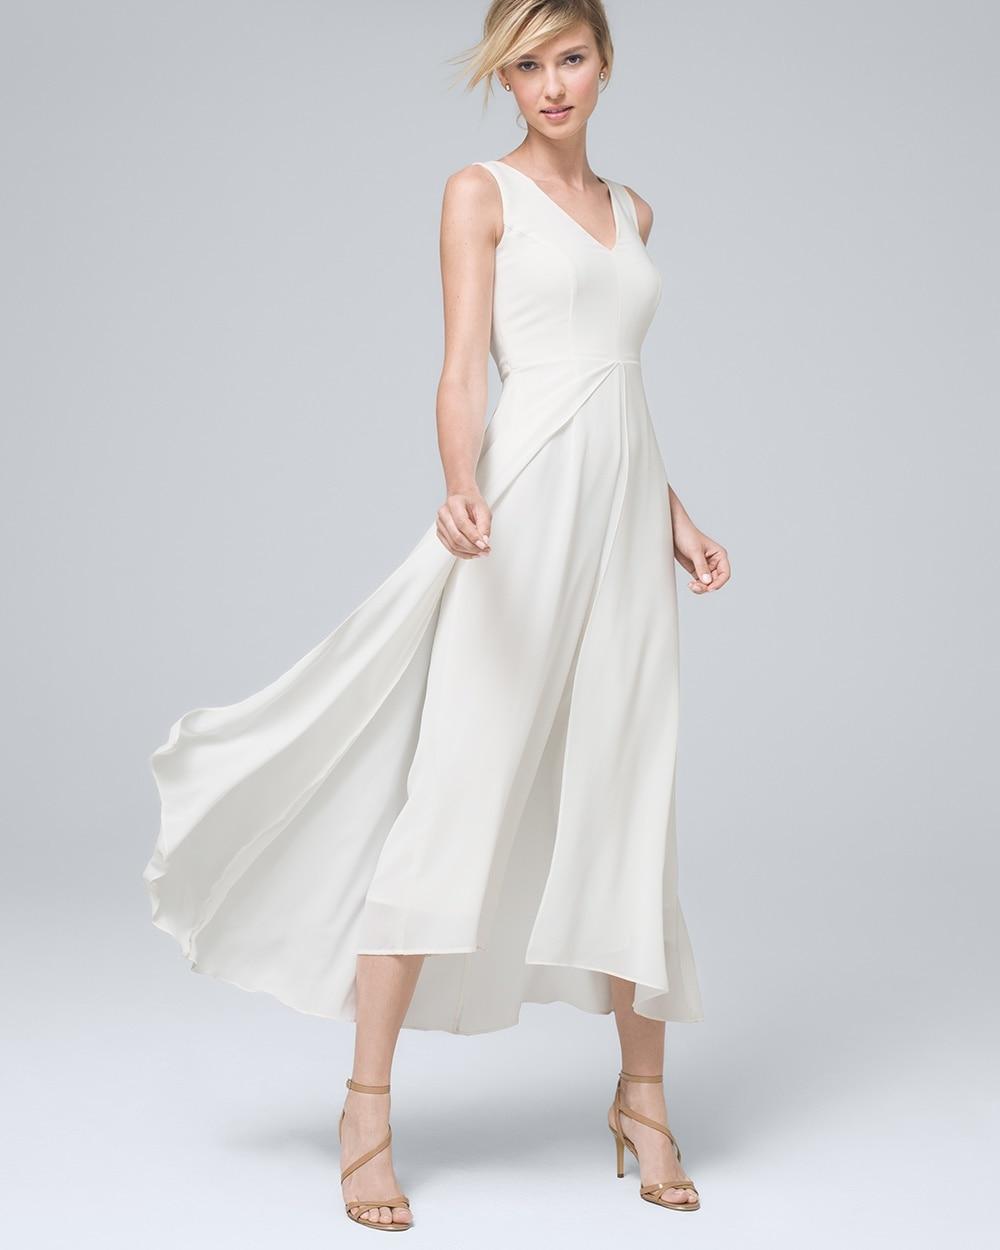 71b70fae375 Sleeveless Overlay Jumpsuit - White House Black Market